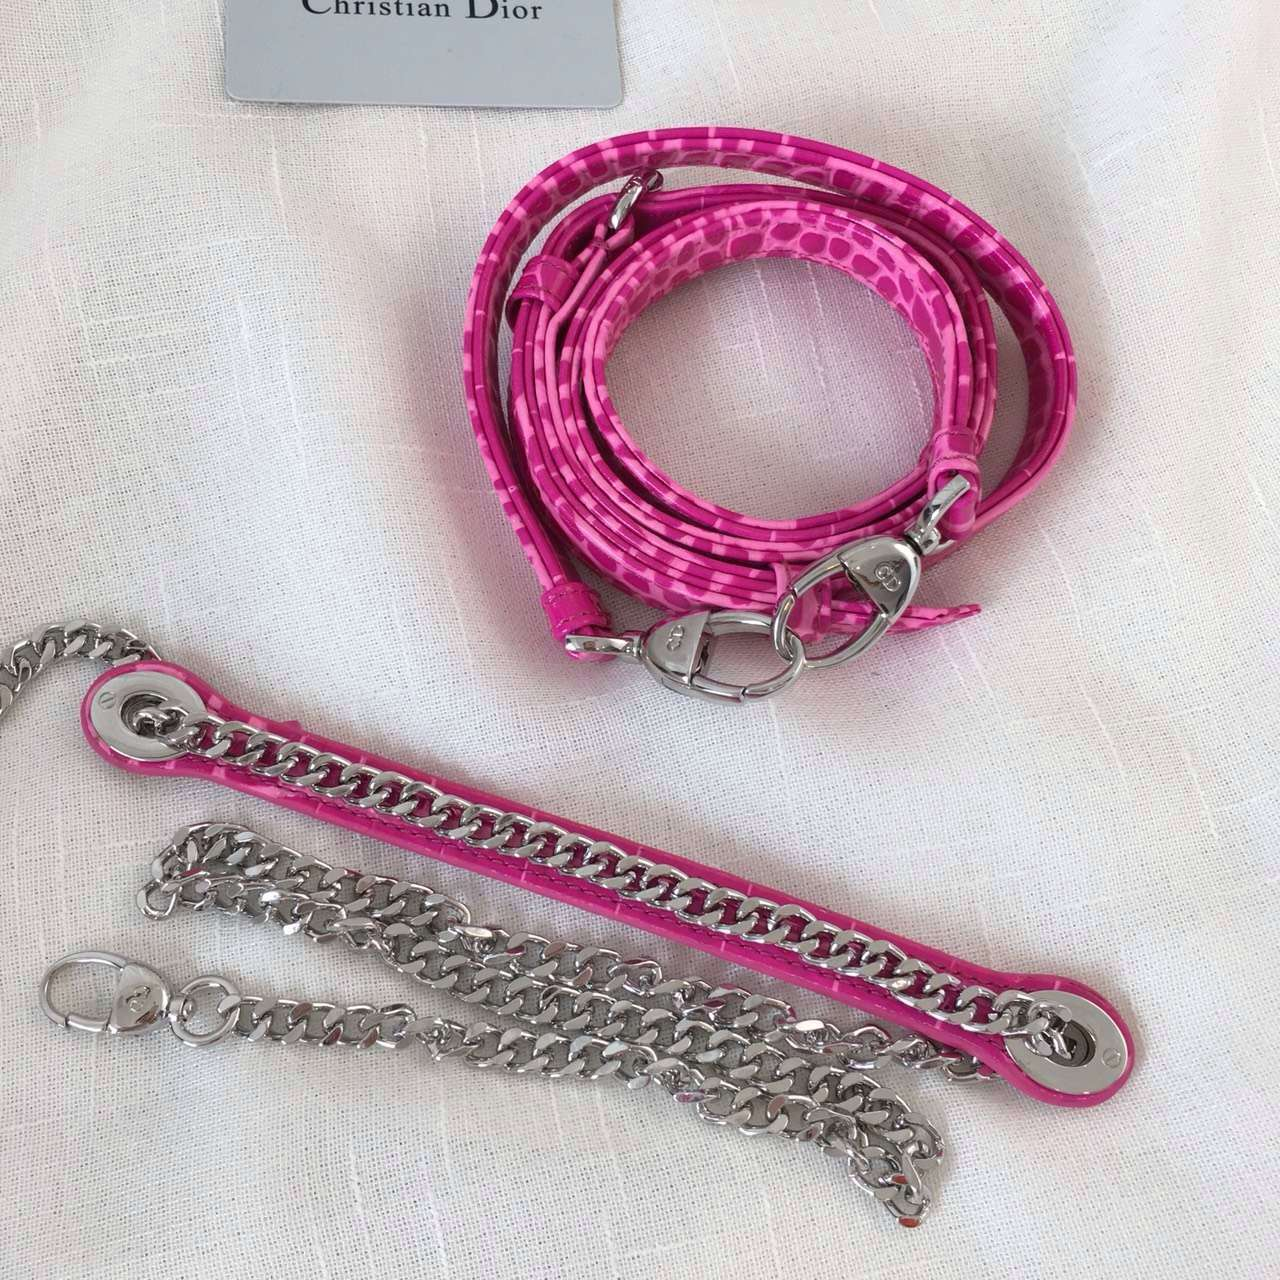 迪奥戴妃包Lady Dior mini 三格迷你戴妃包17cm 玫红牛皮压鳄鱼纹